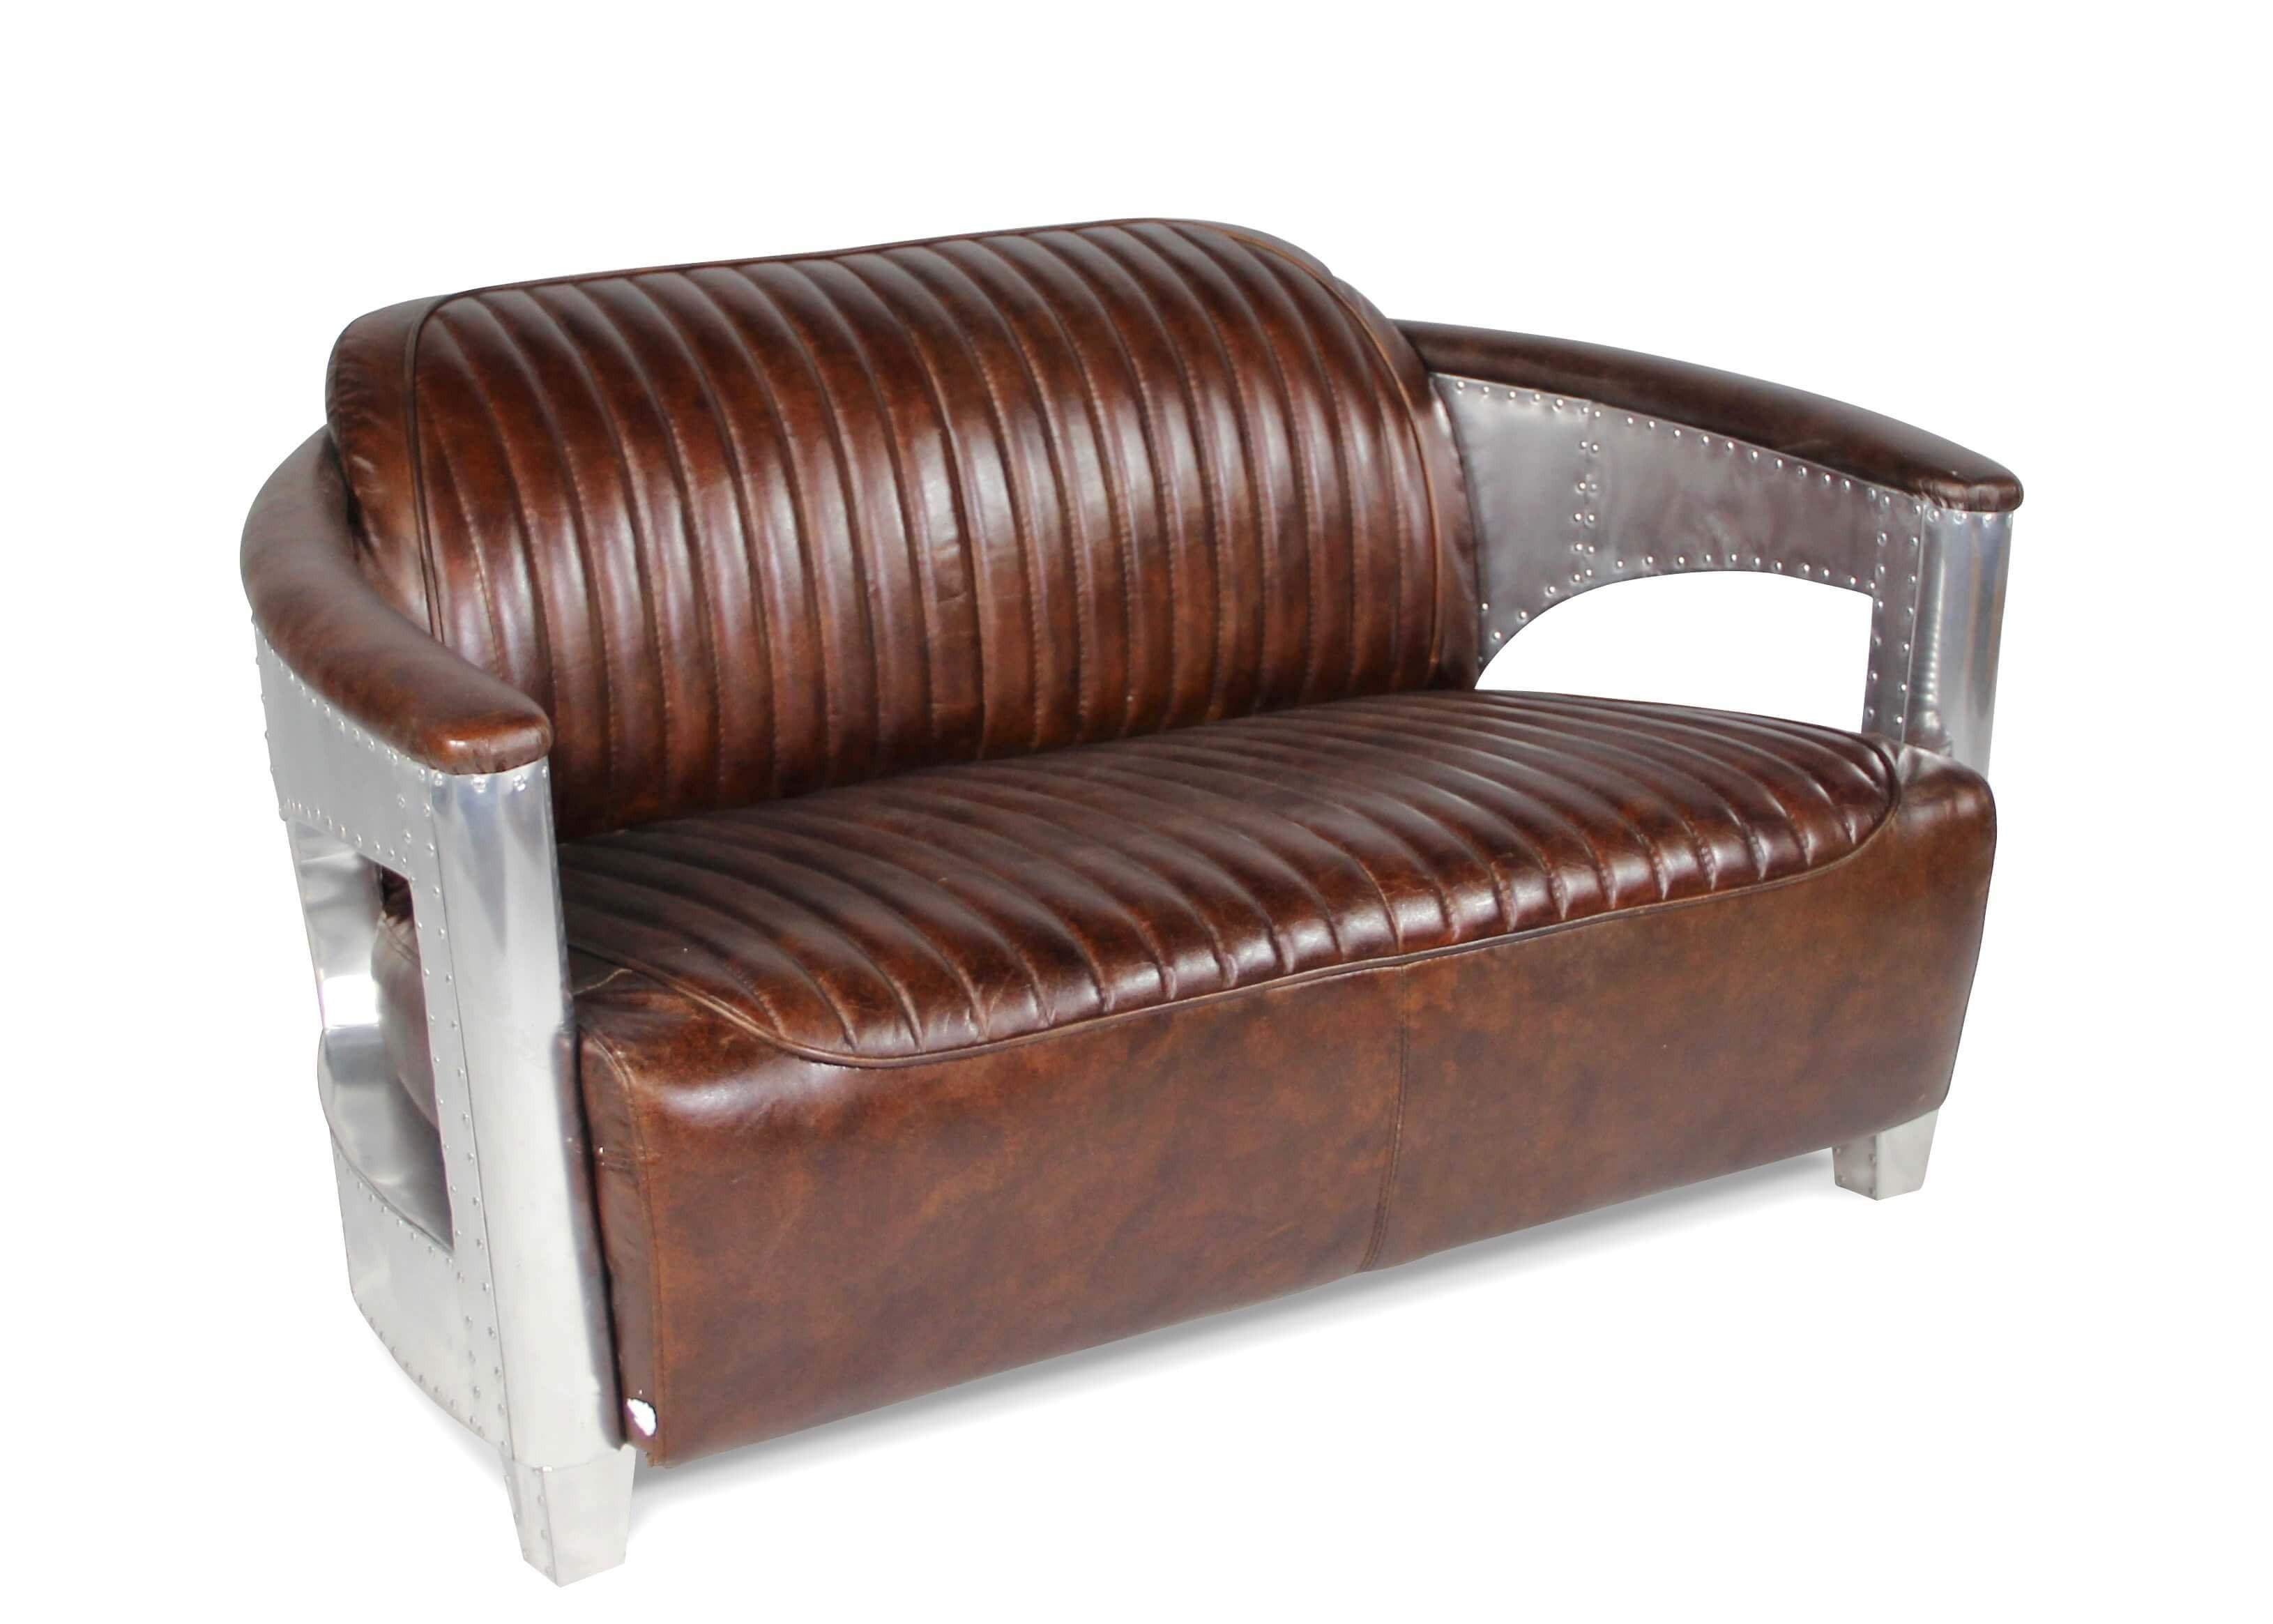 canap et deux fauteuils style aviateur en cuir marron vintage vieilli. Black Bedroom Furniture Sets. Home Design Ideas